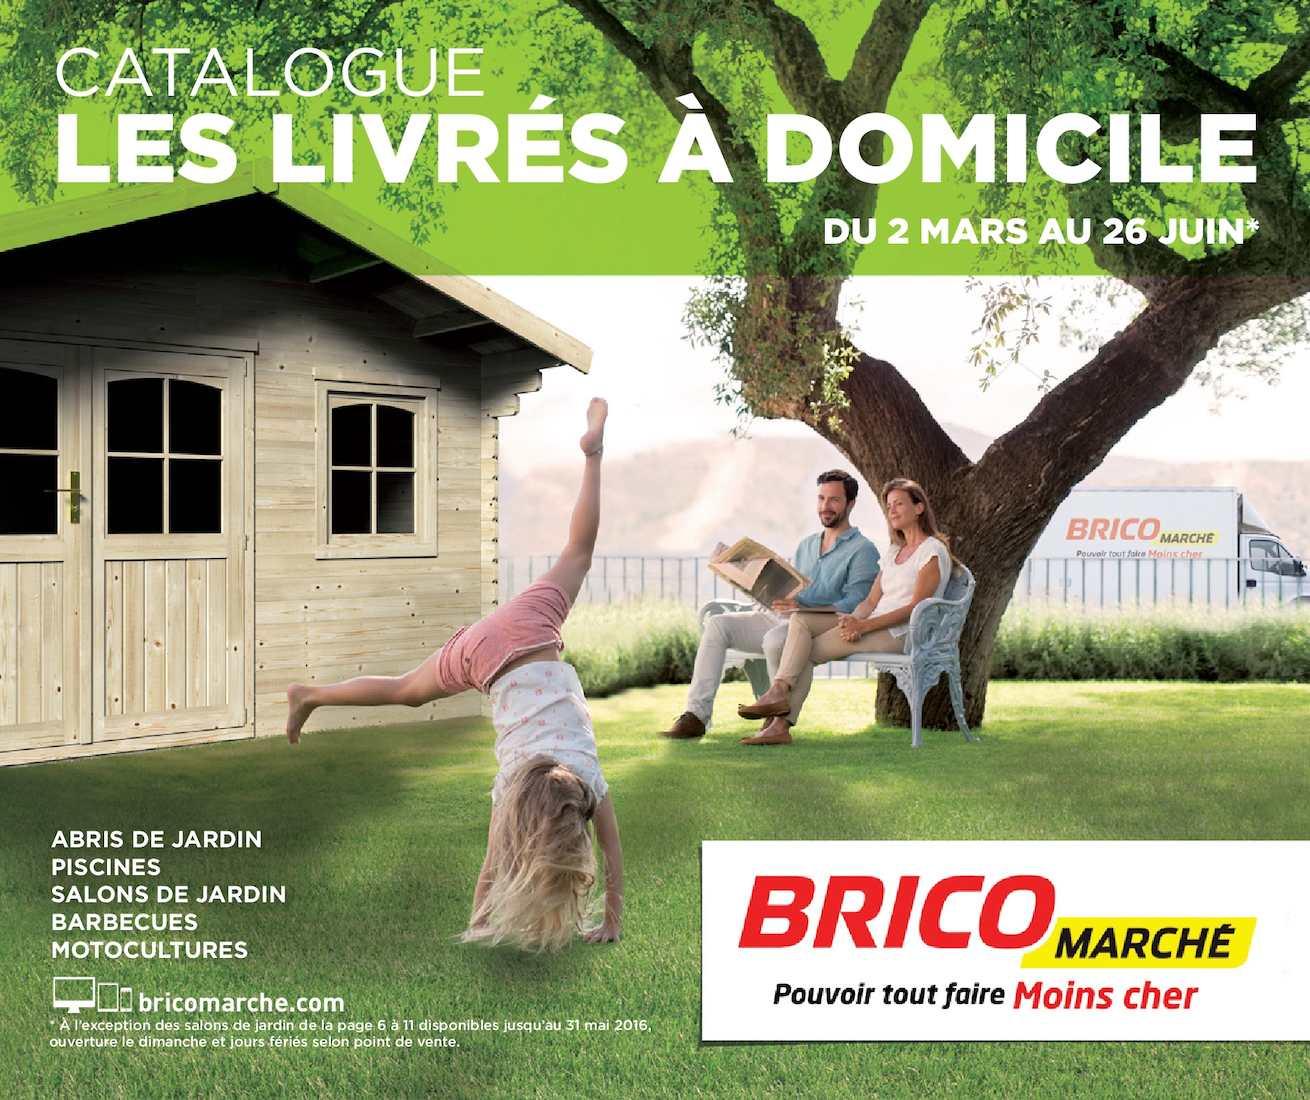 Calaméo - Livre A Domicile 2016 dedans Table De Jardin Bricomarché